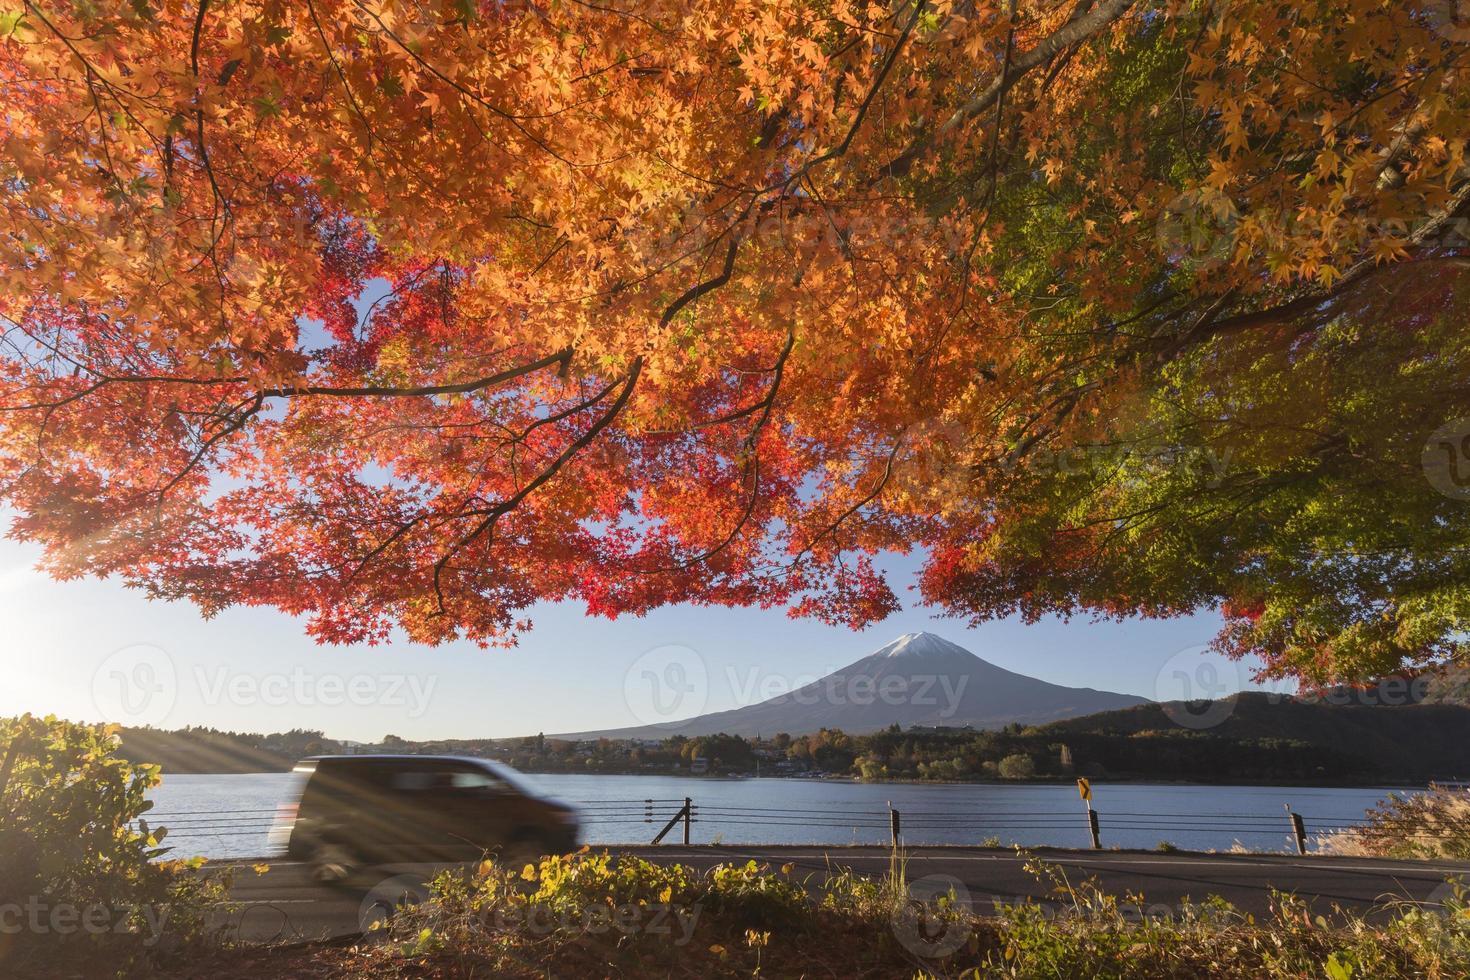 Ahornblätter wechseln bei mt.fuji, Japan, zur Herbstfarbe foto